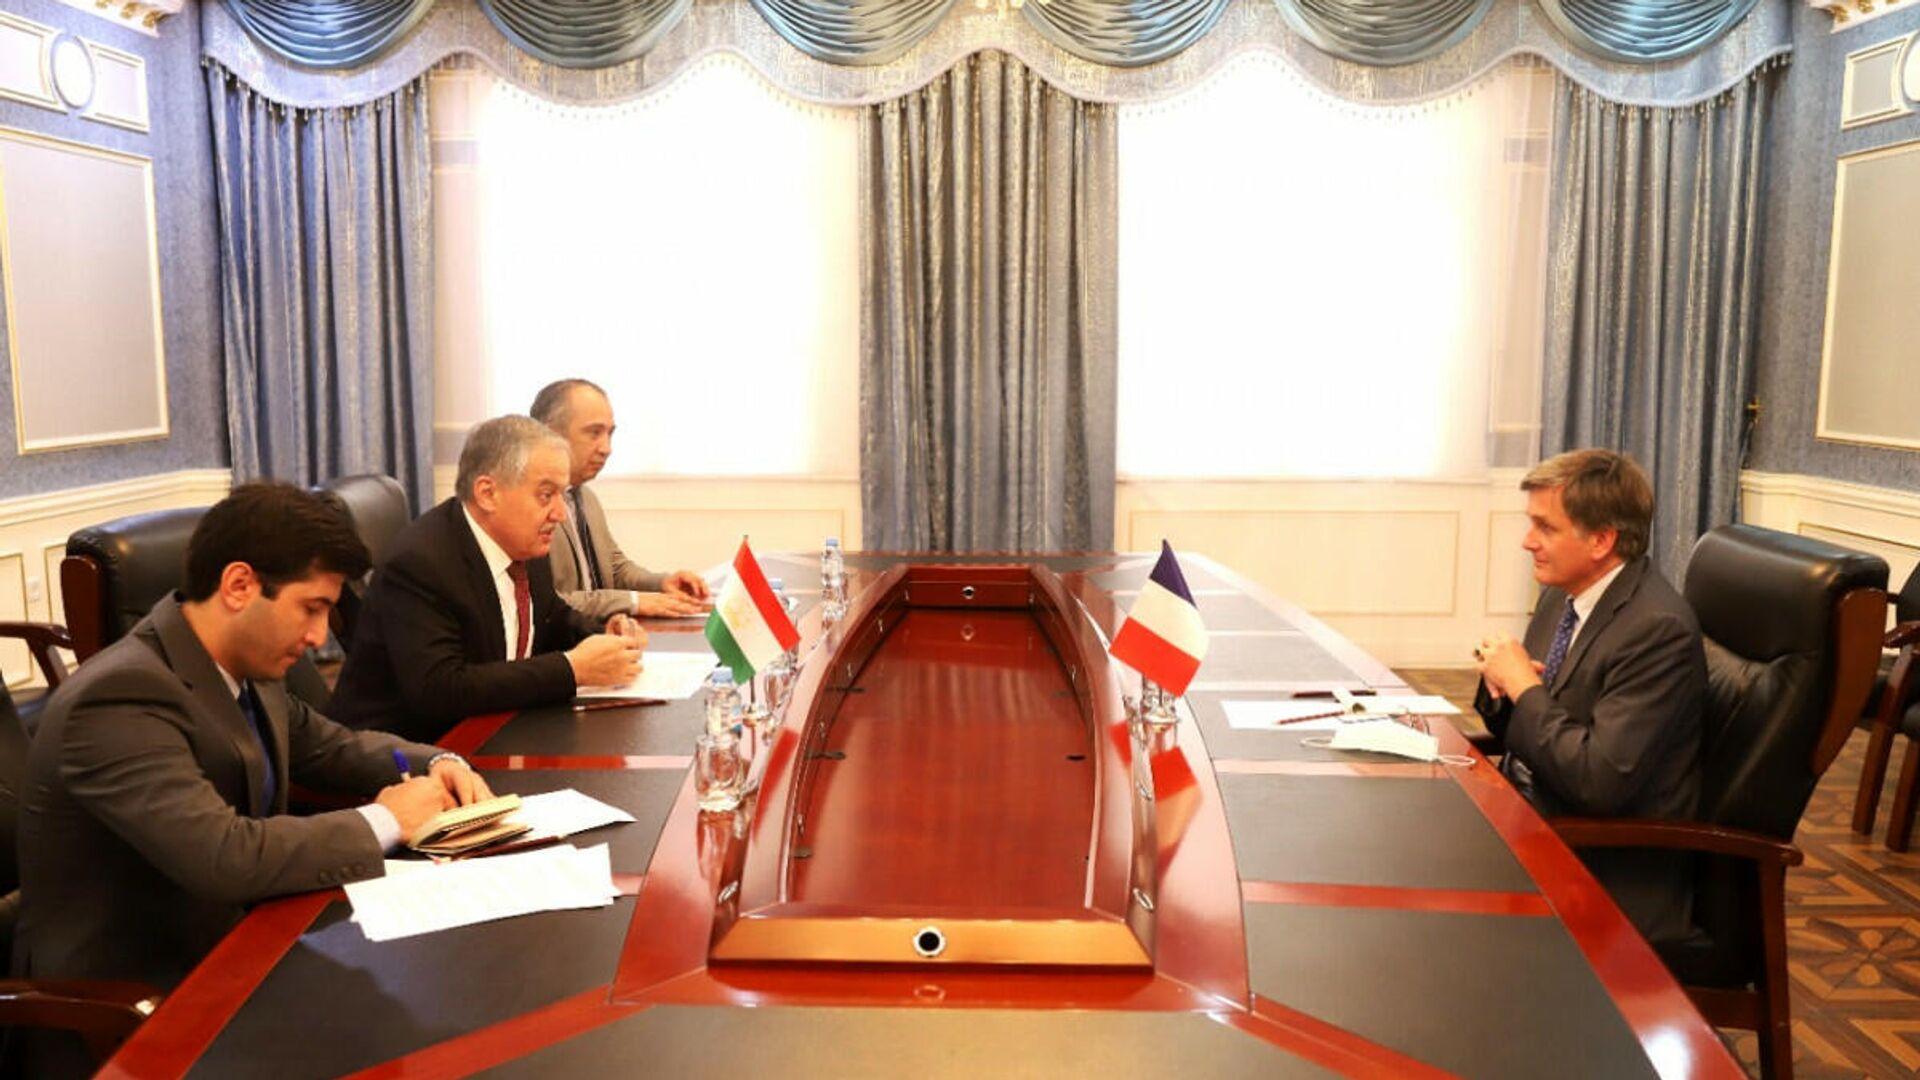 Глава МИД РТ провел встречу с послом Франции в РТ в городе Душанбе - Sputnik Тоҷикистон, 1920, 28.08.2021